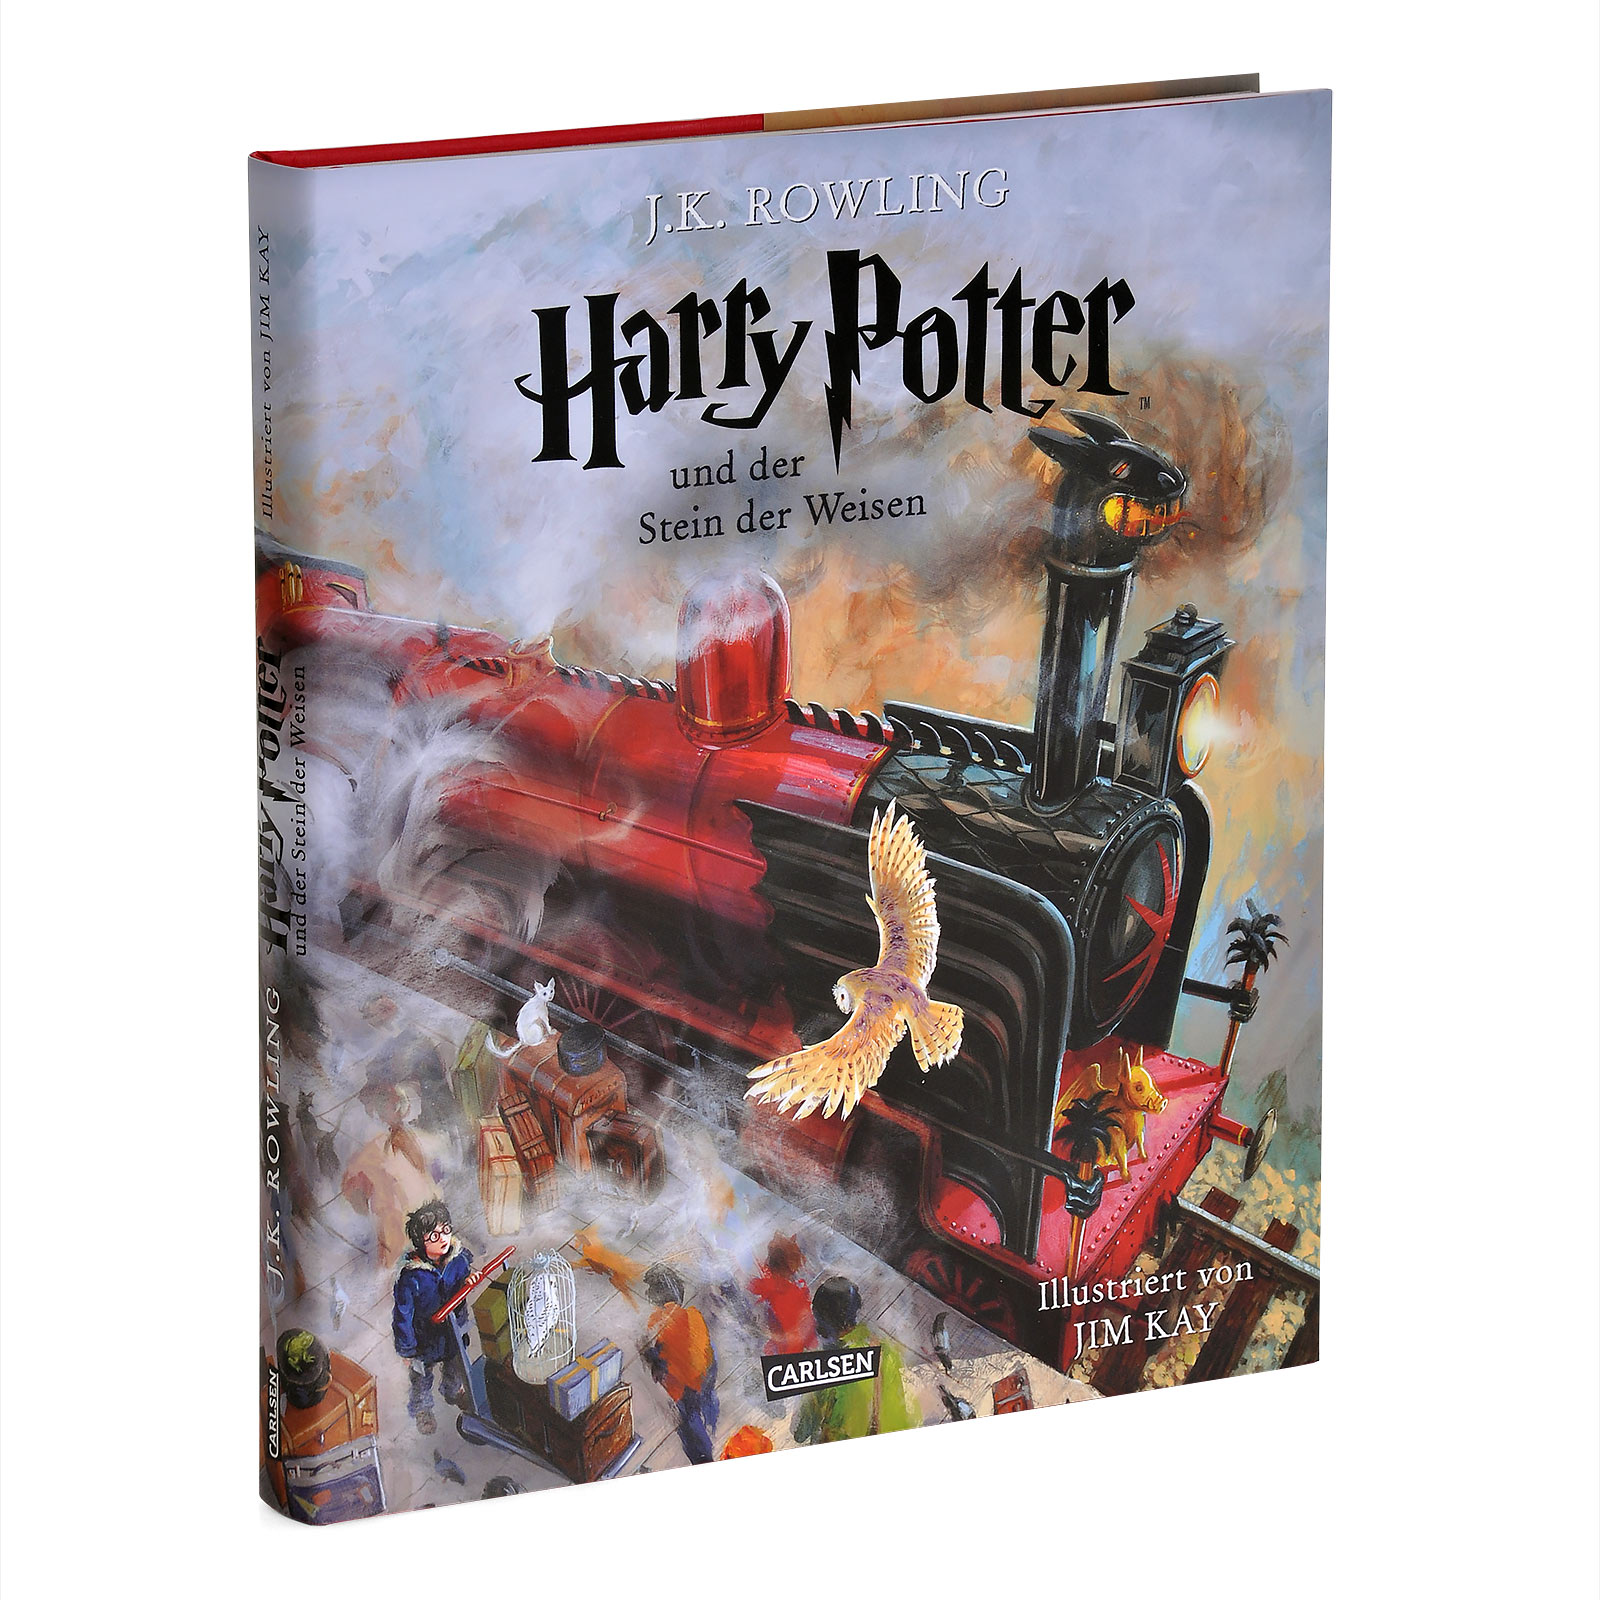 Harry Potter und der Stein der Weisen - Schmuckausgabe